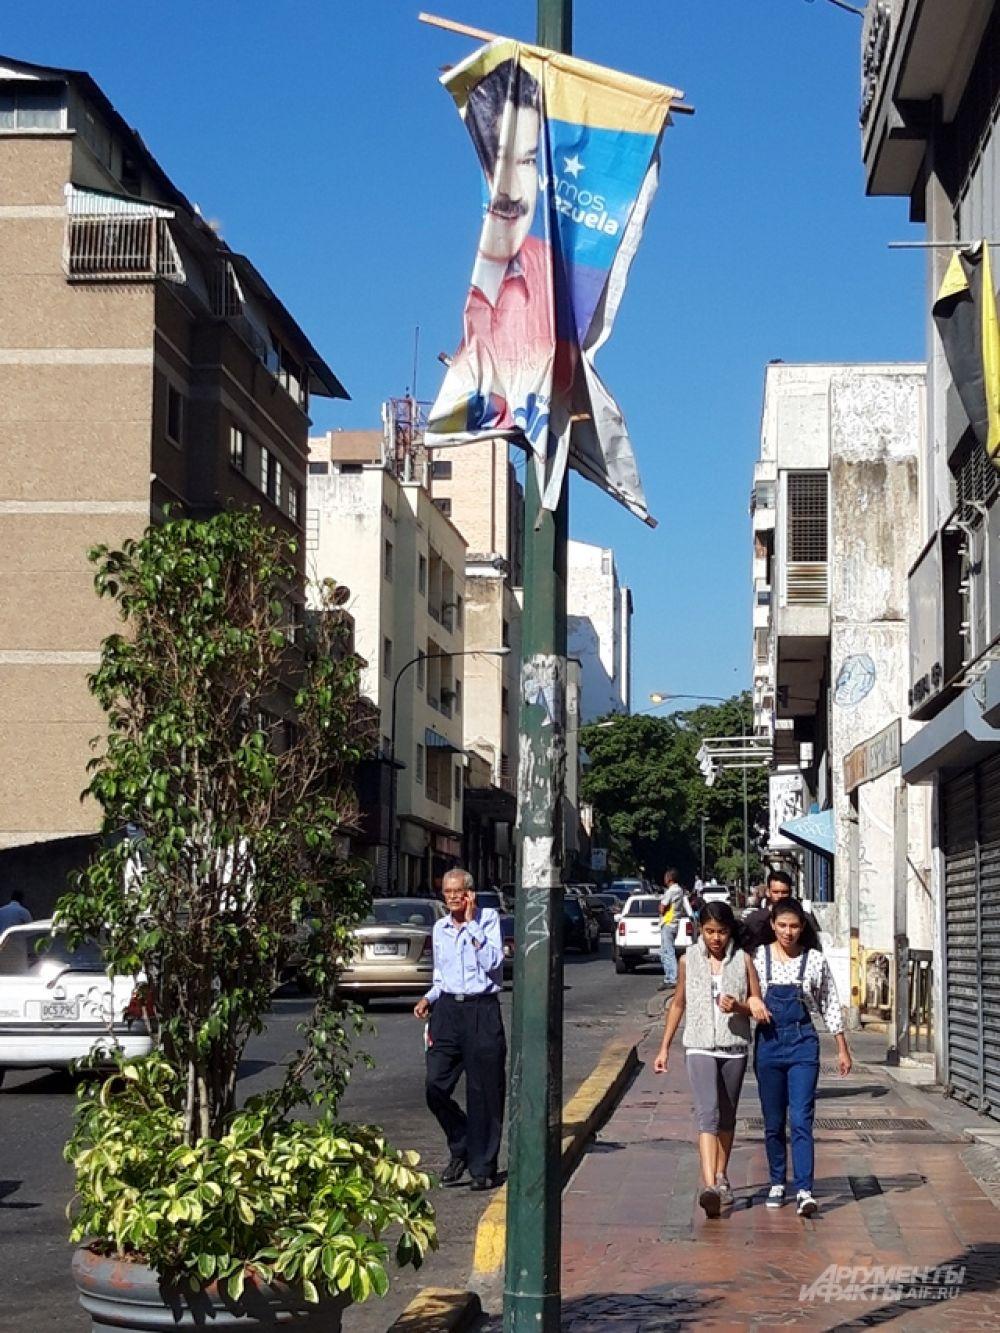 Каракас photo